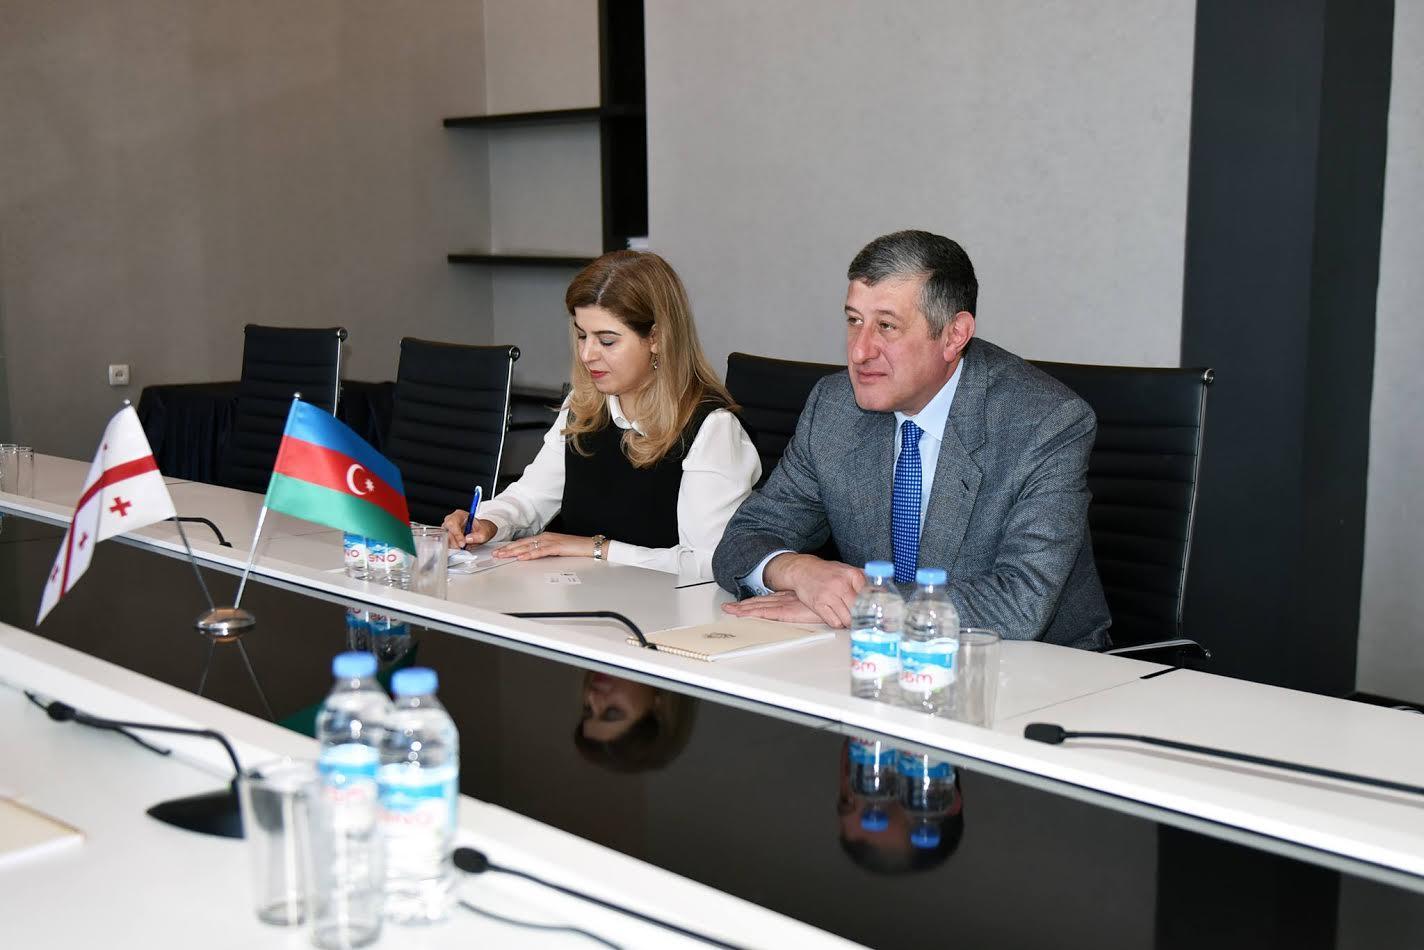 Aleksandr Cecelava: Gürcüstan Azərbaycanla təhsil sahəsində əlaqələrin inkişafında maraqlıdır